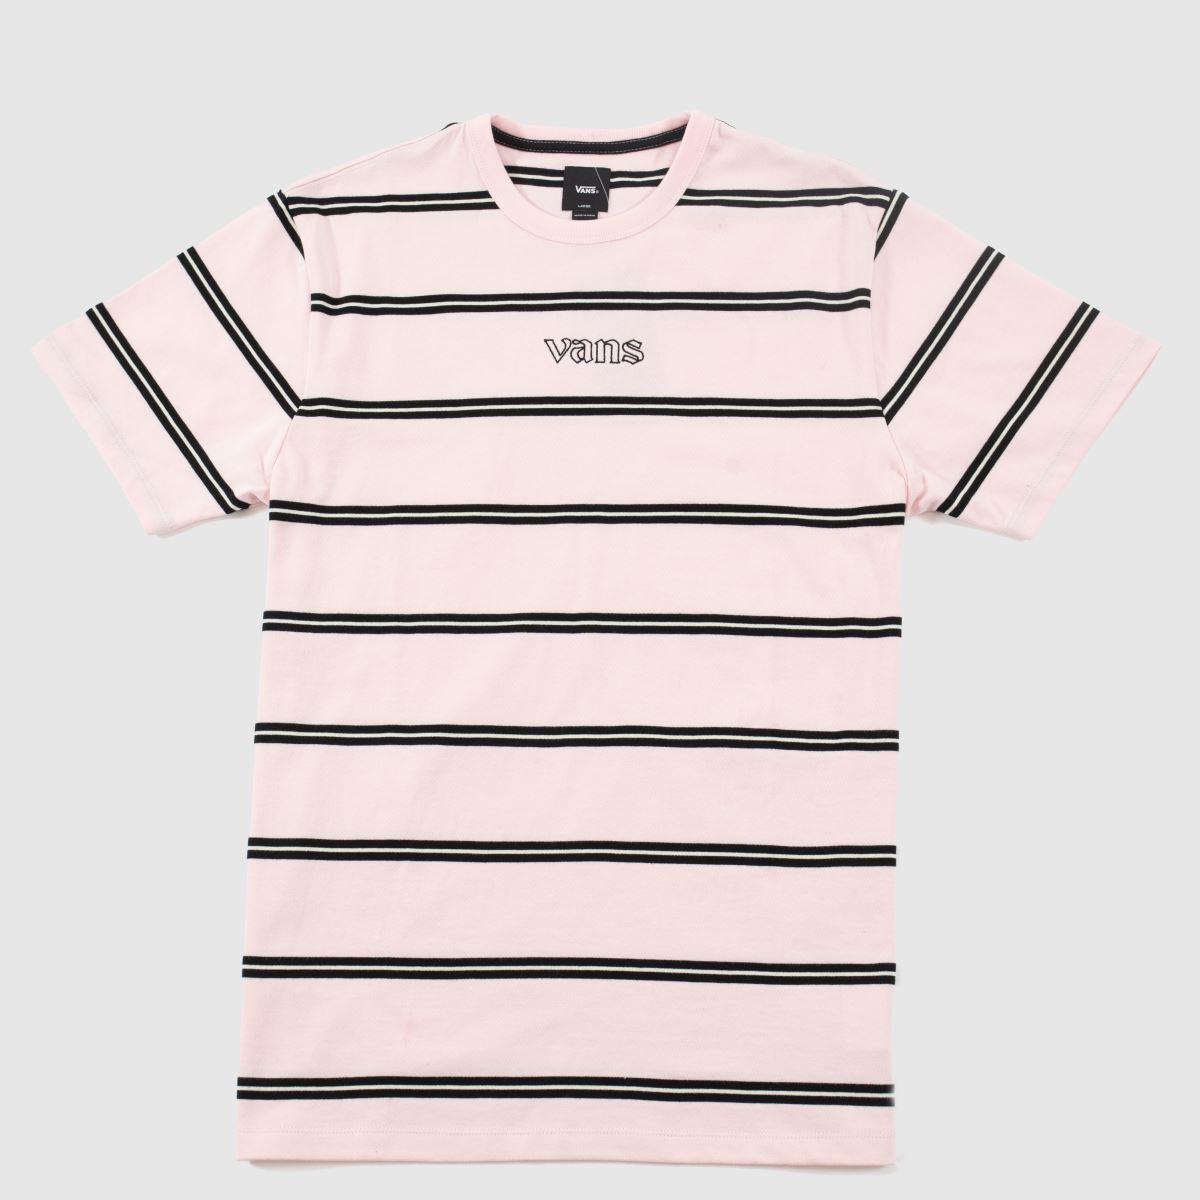 Vans Pale Pink Sixty Sixers Stripe Tee